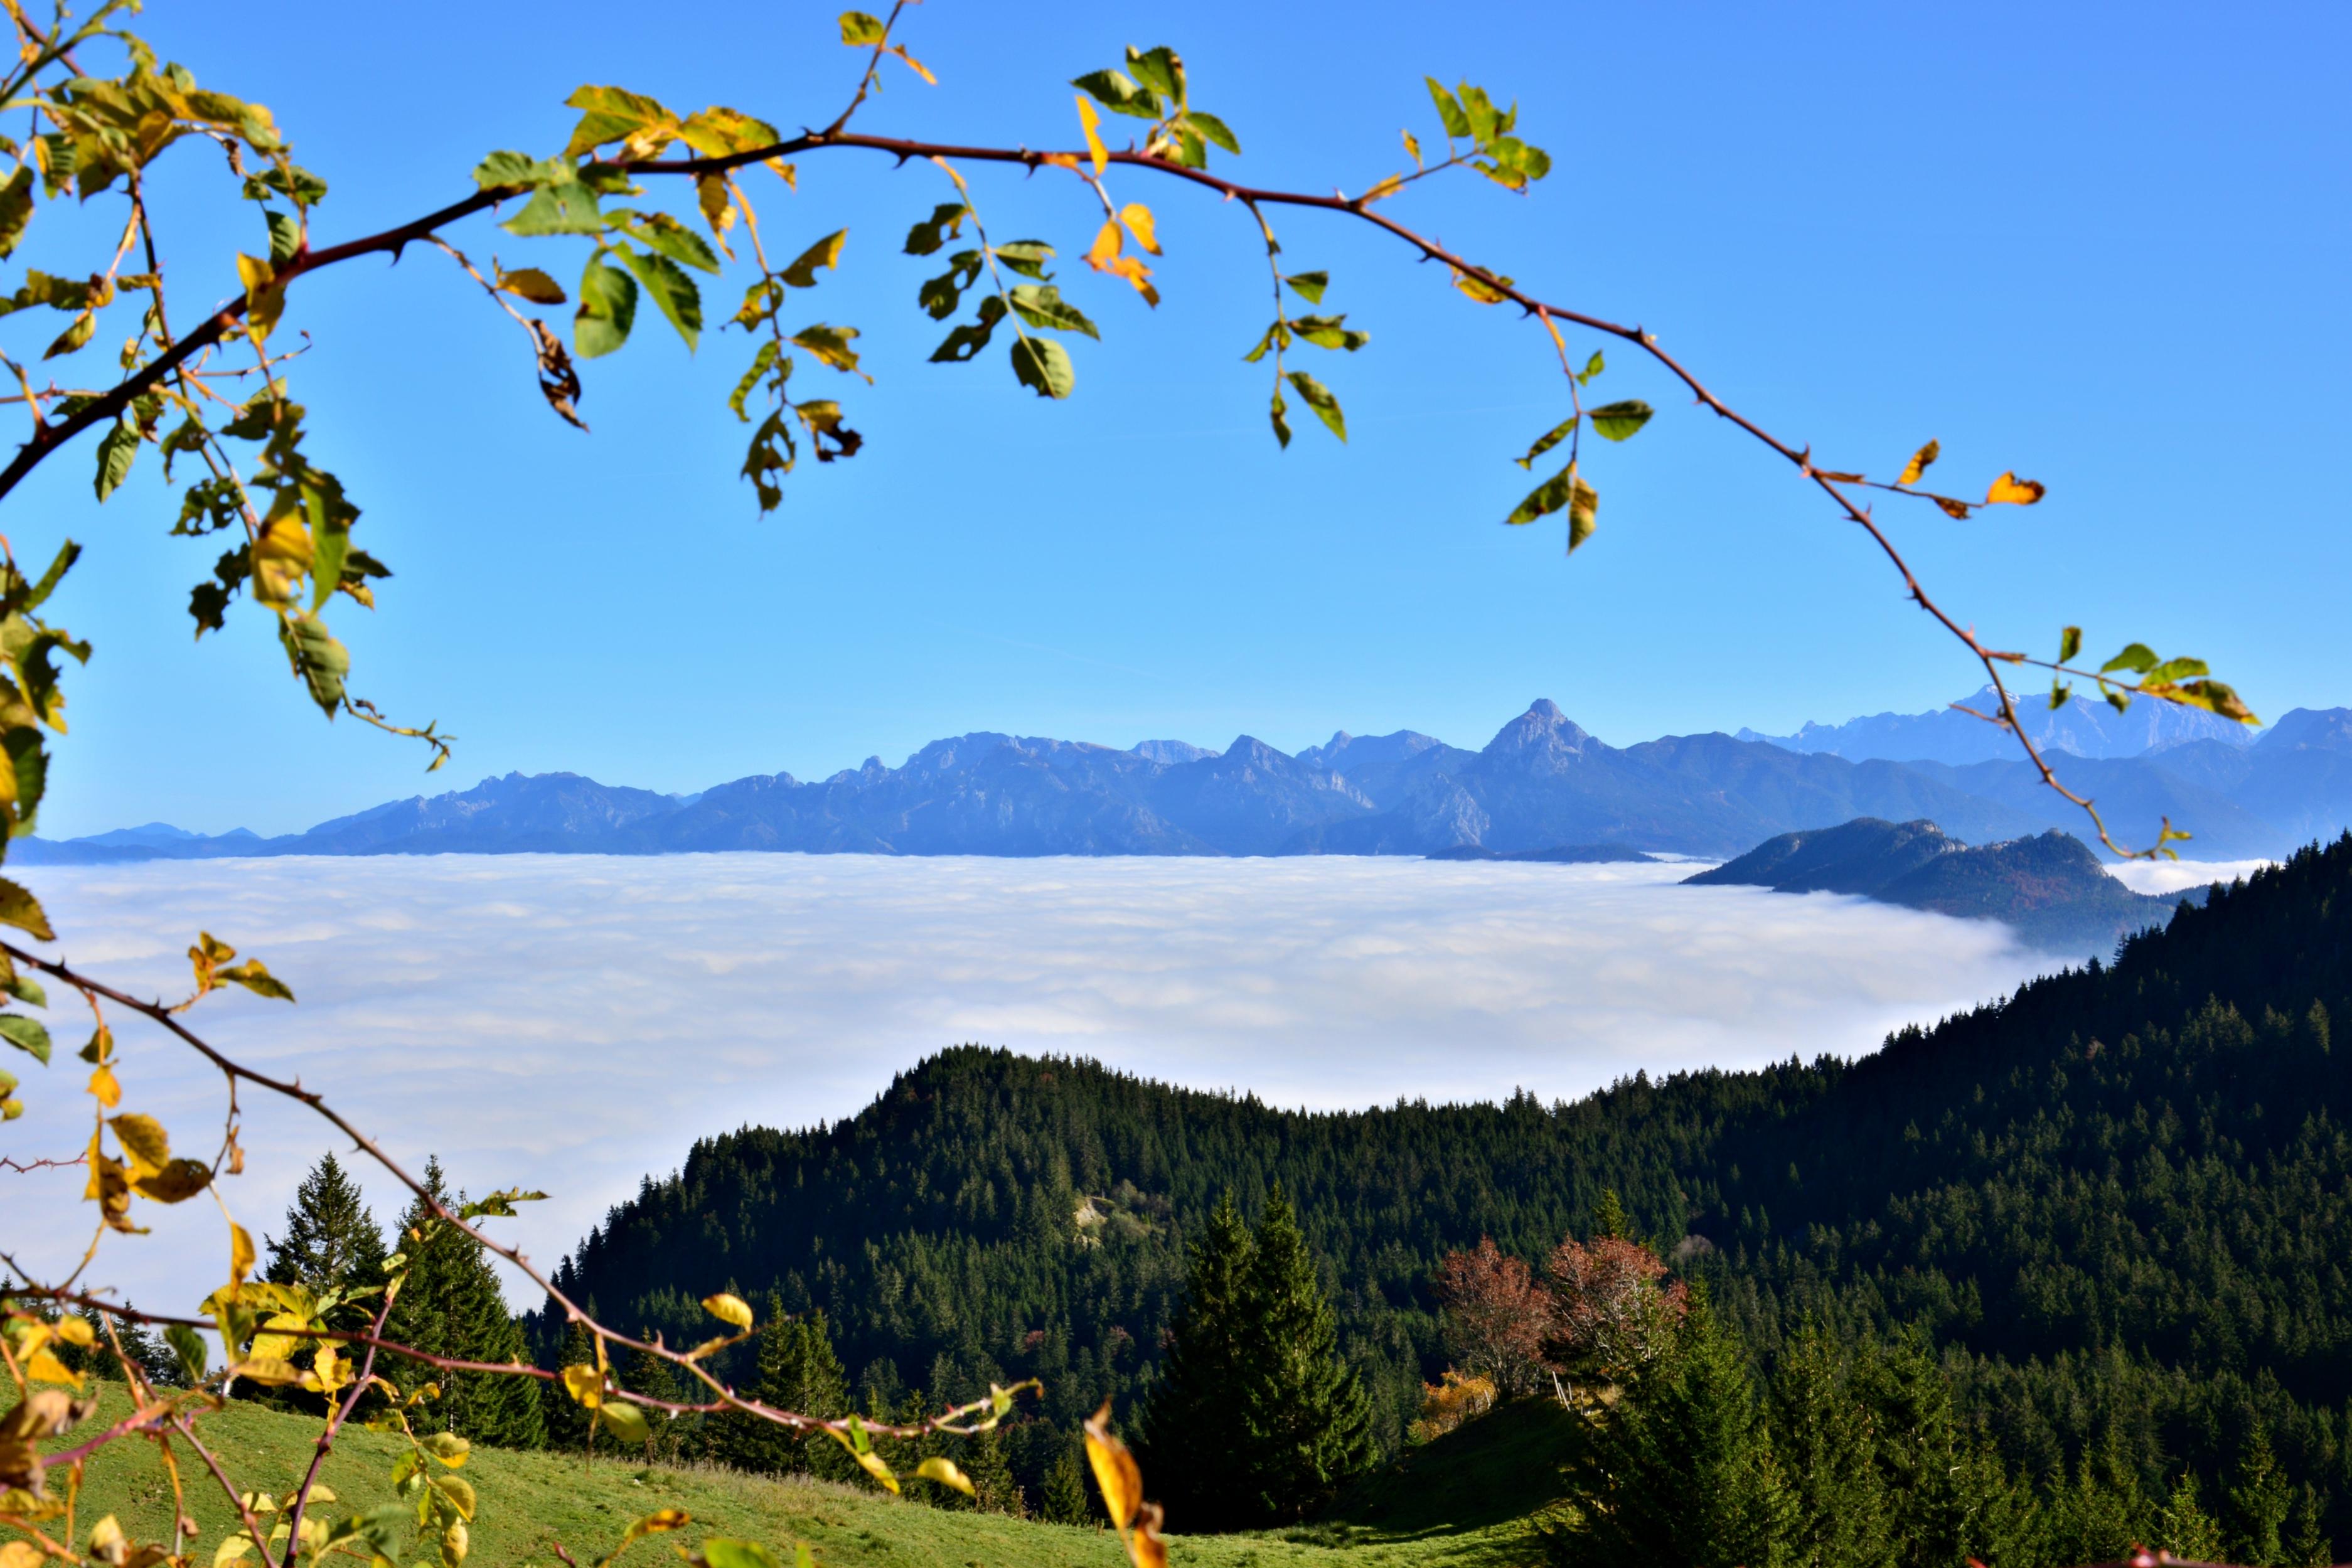 A0151 Blick auf das Wolkenmeer von der Kappeler Alm.jpg